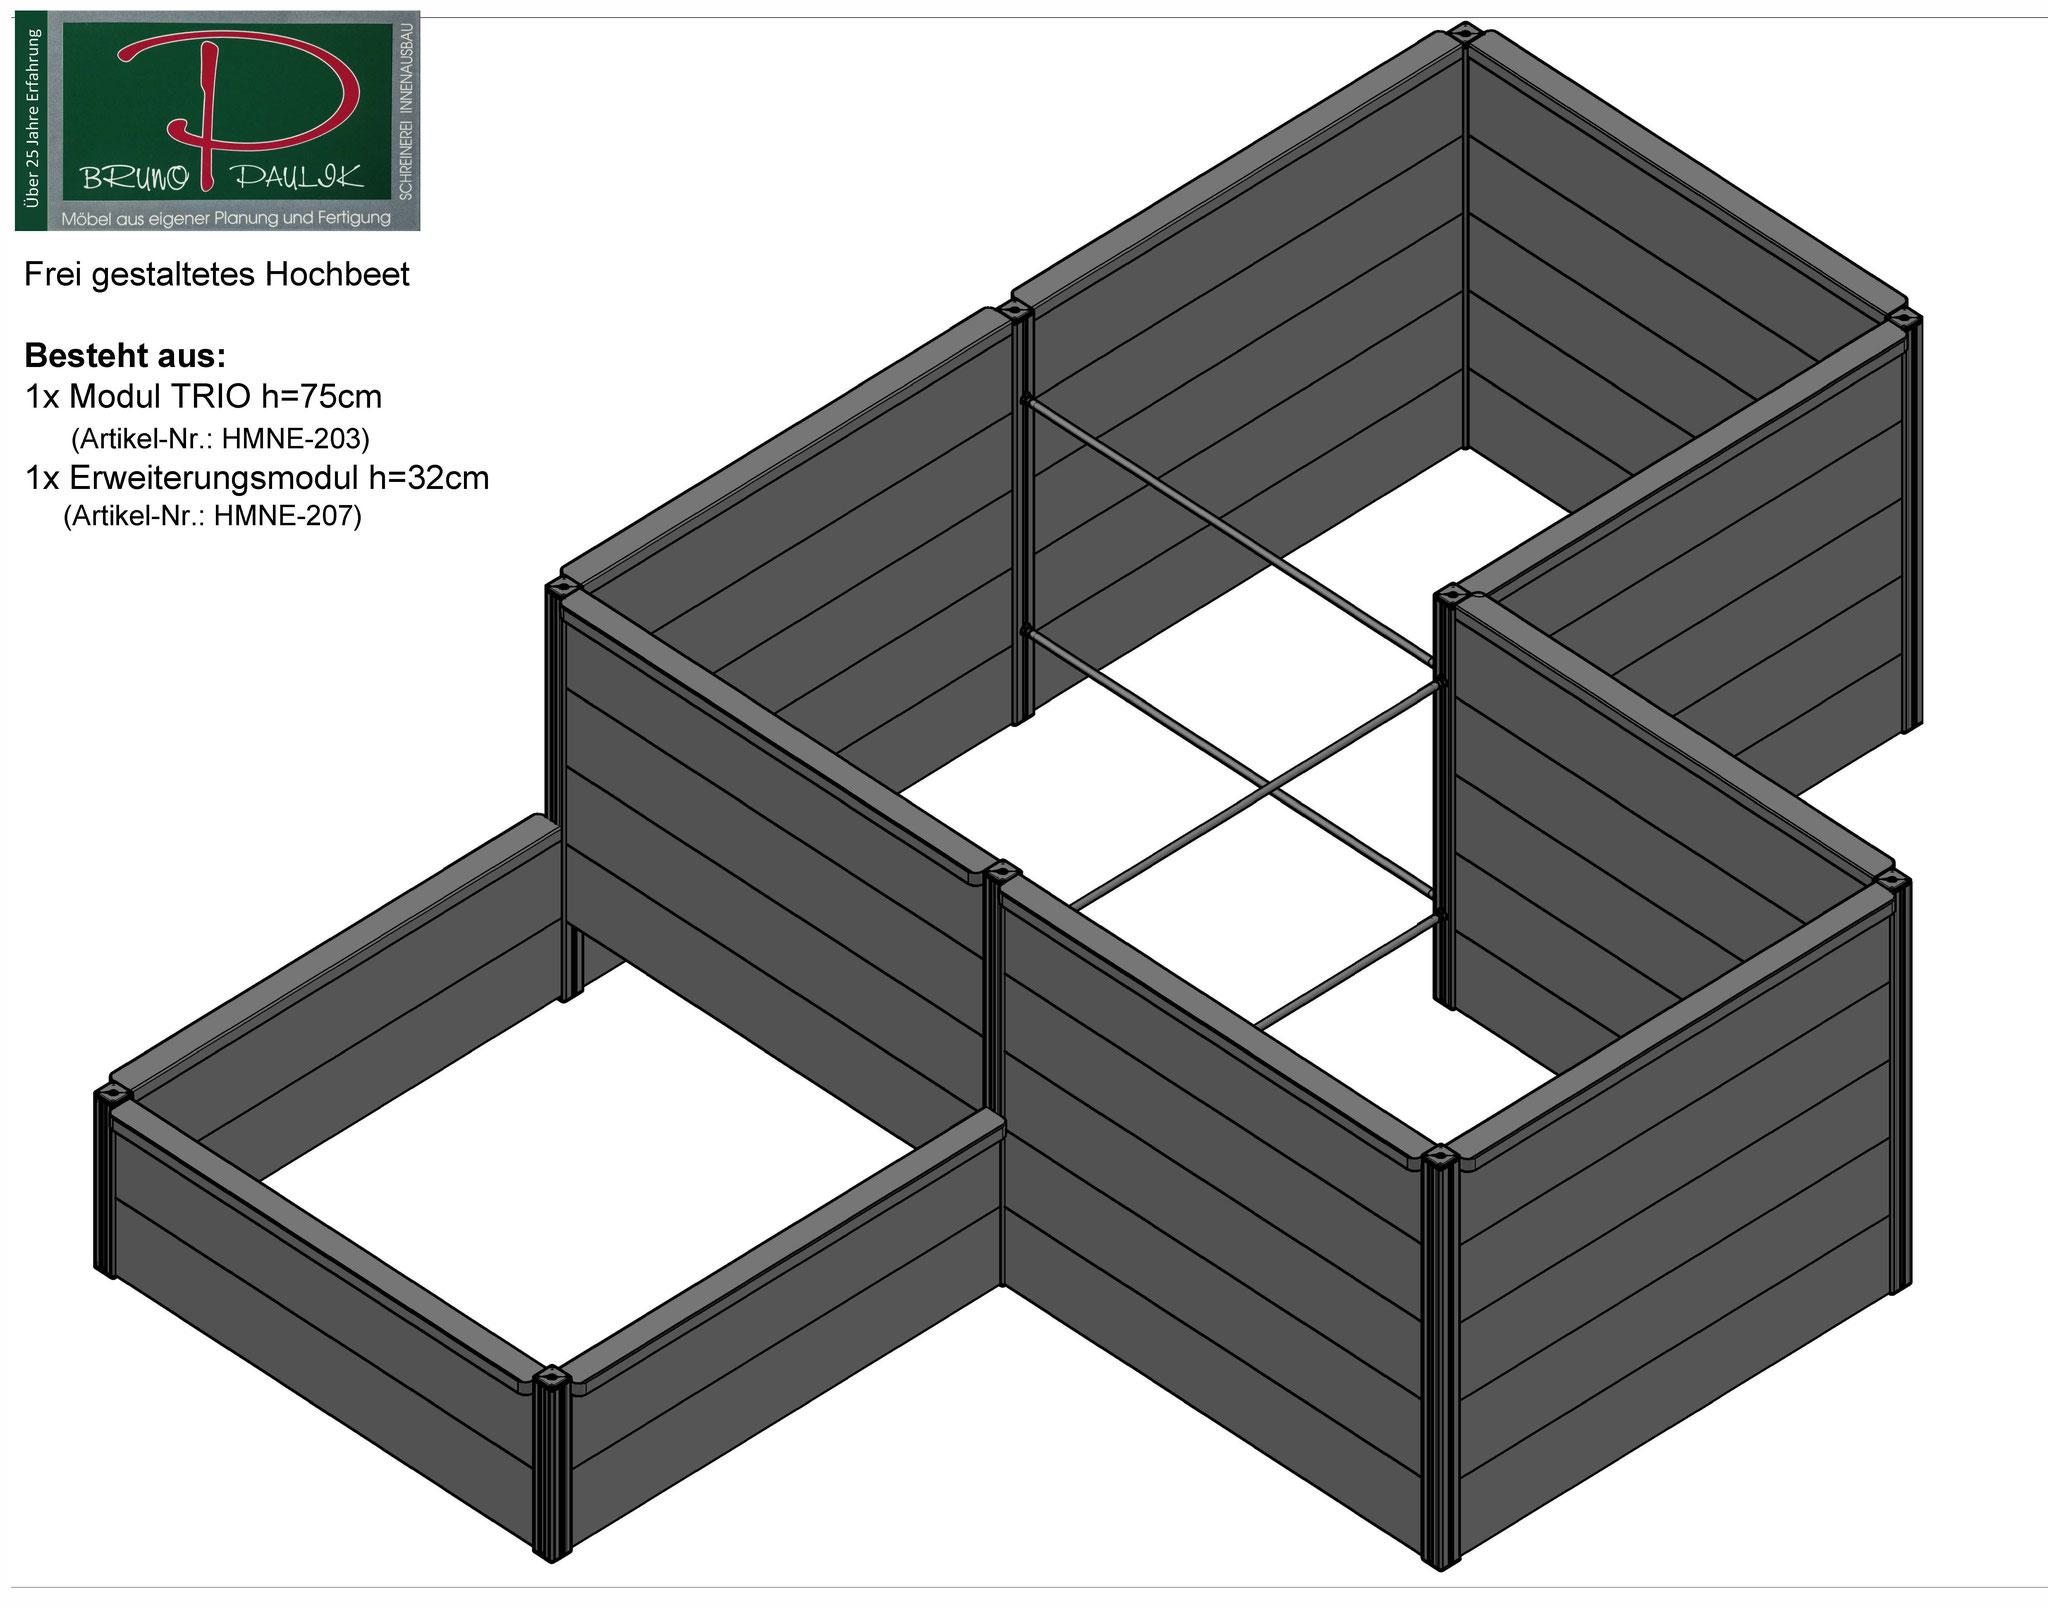 Modul TRIO + Erweiterungsmodul h=32cm